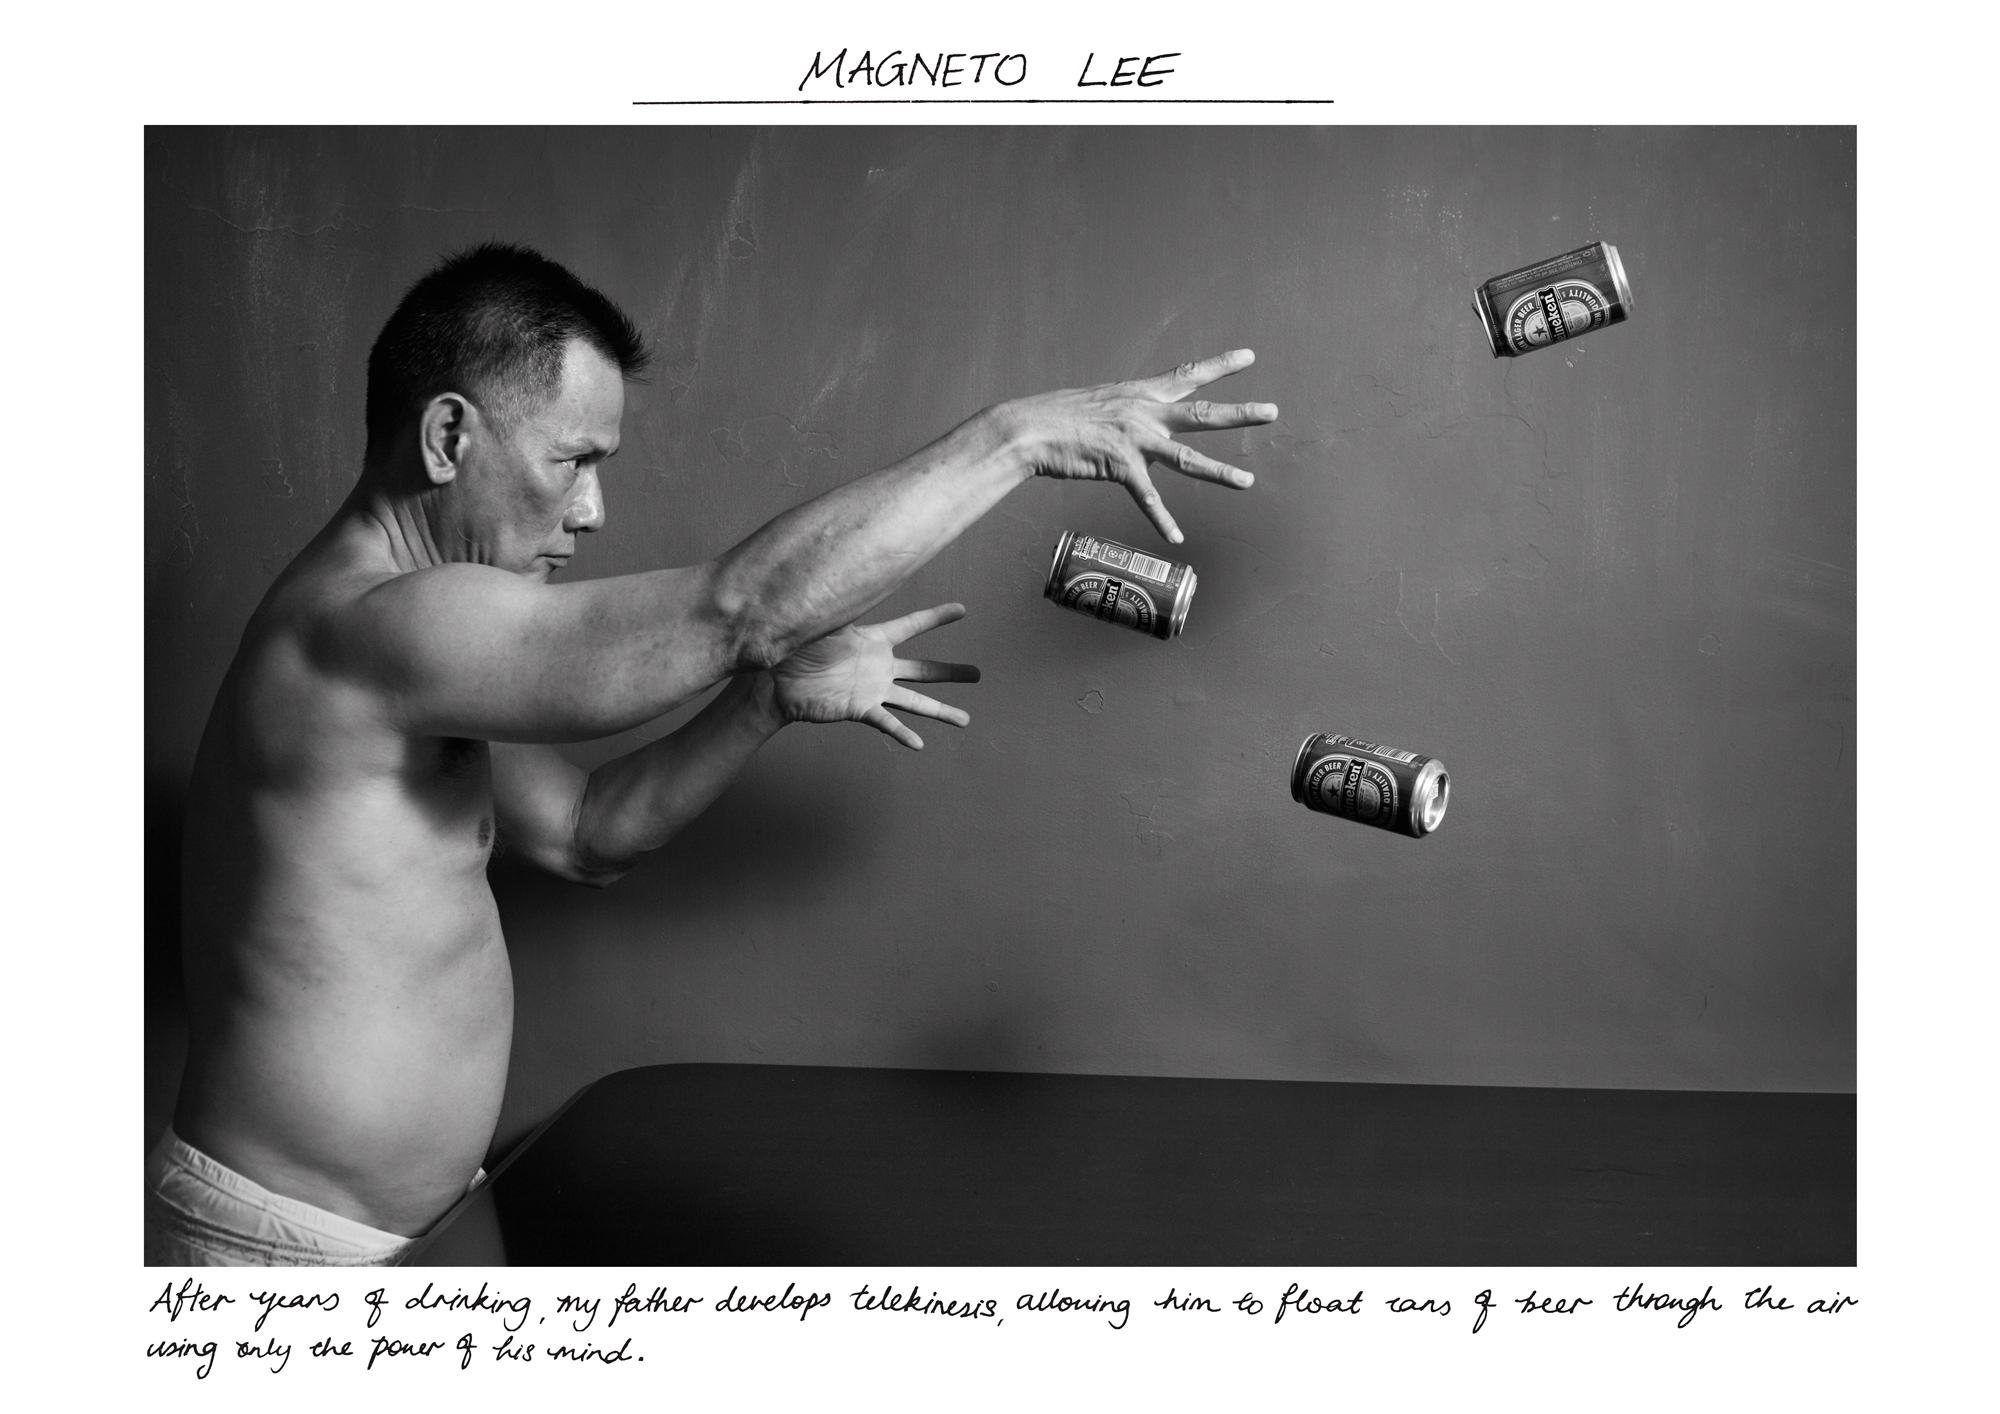 Magneto Lee